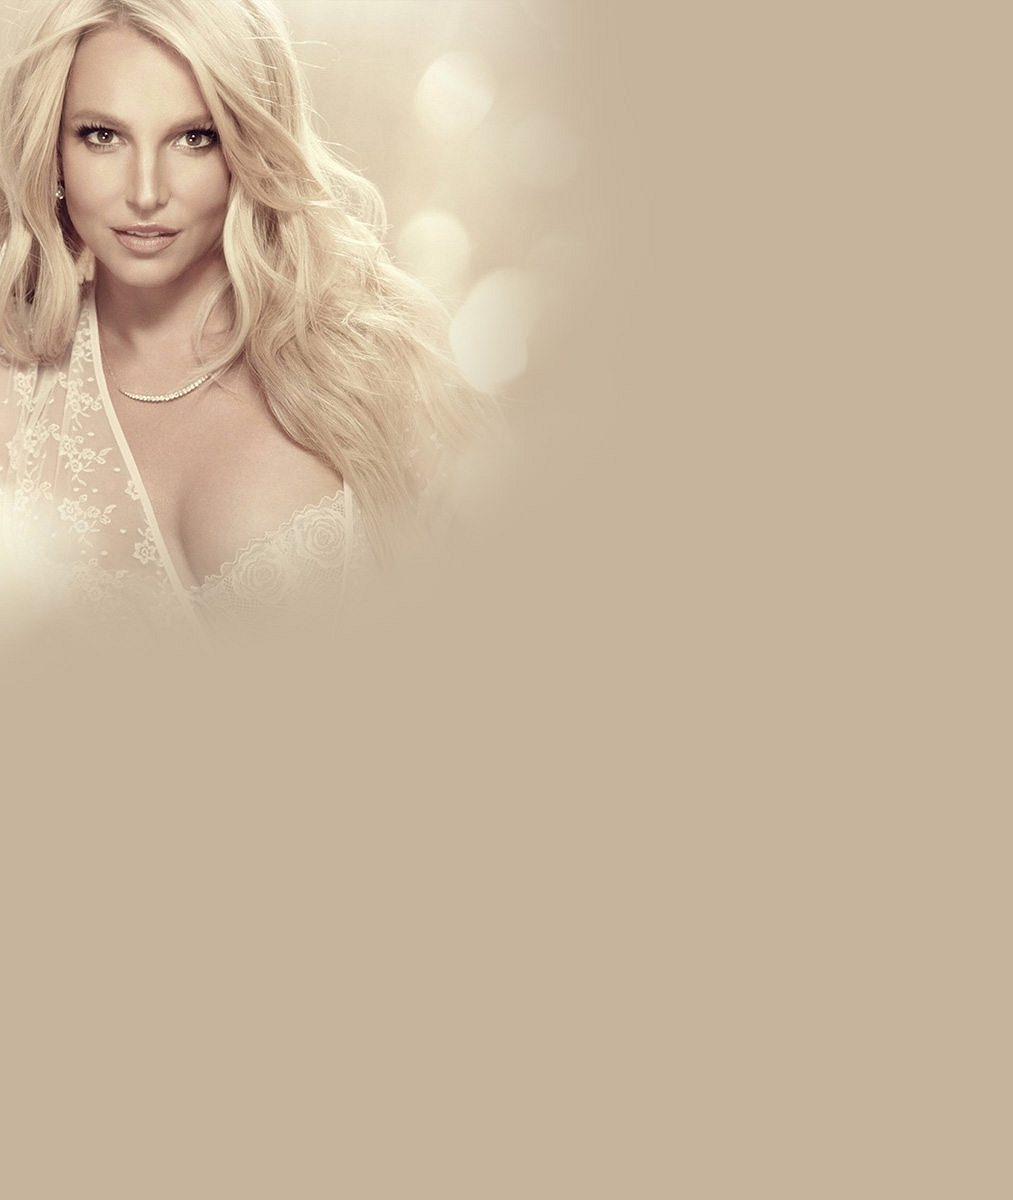 Podívejte, jak si Britney Spears nově libuje ve svém vyretušovaném já